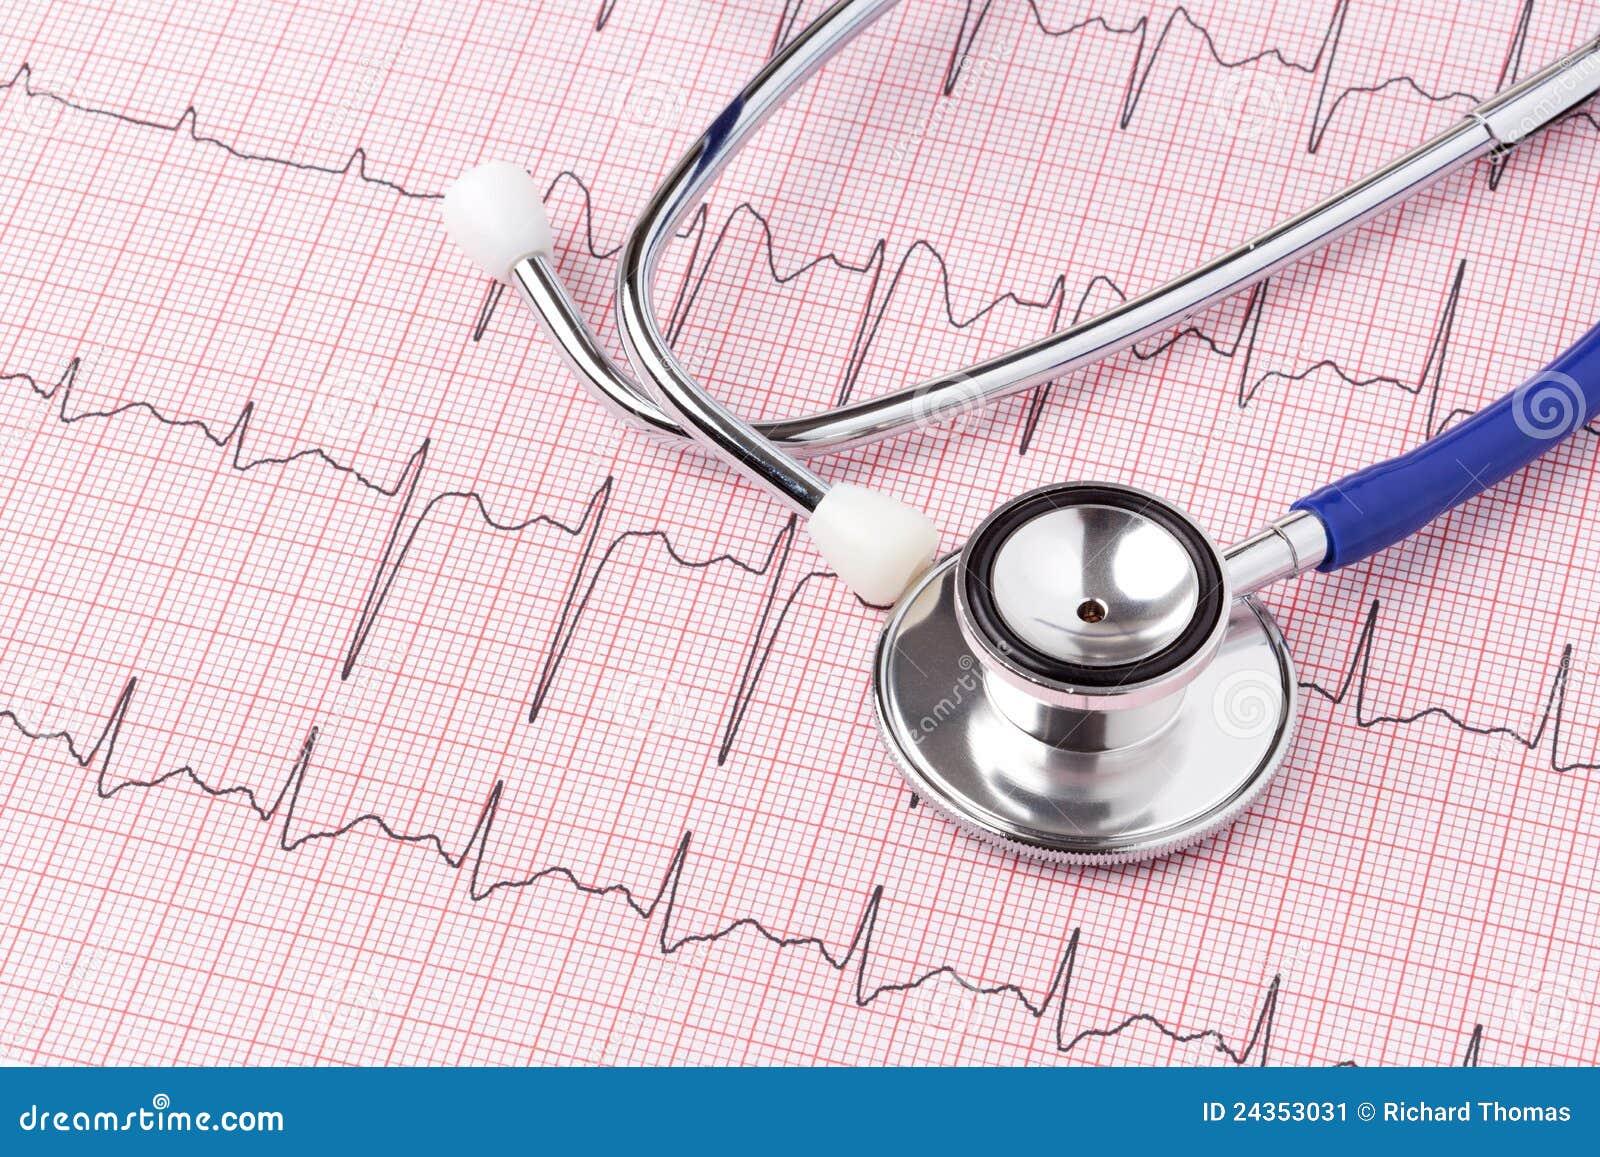 Electrocardiograma y estetoscopio